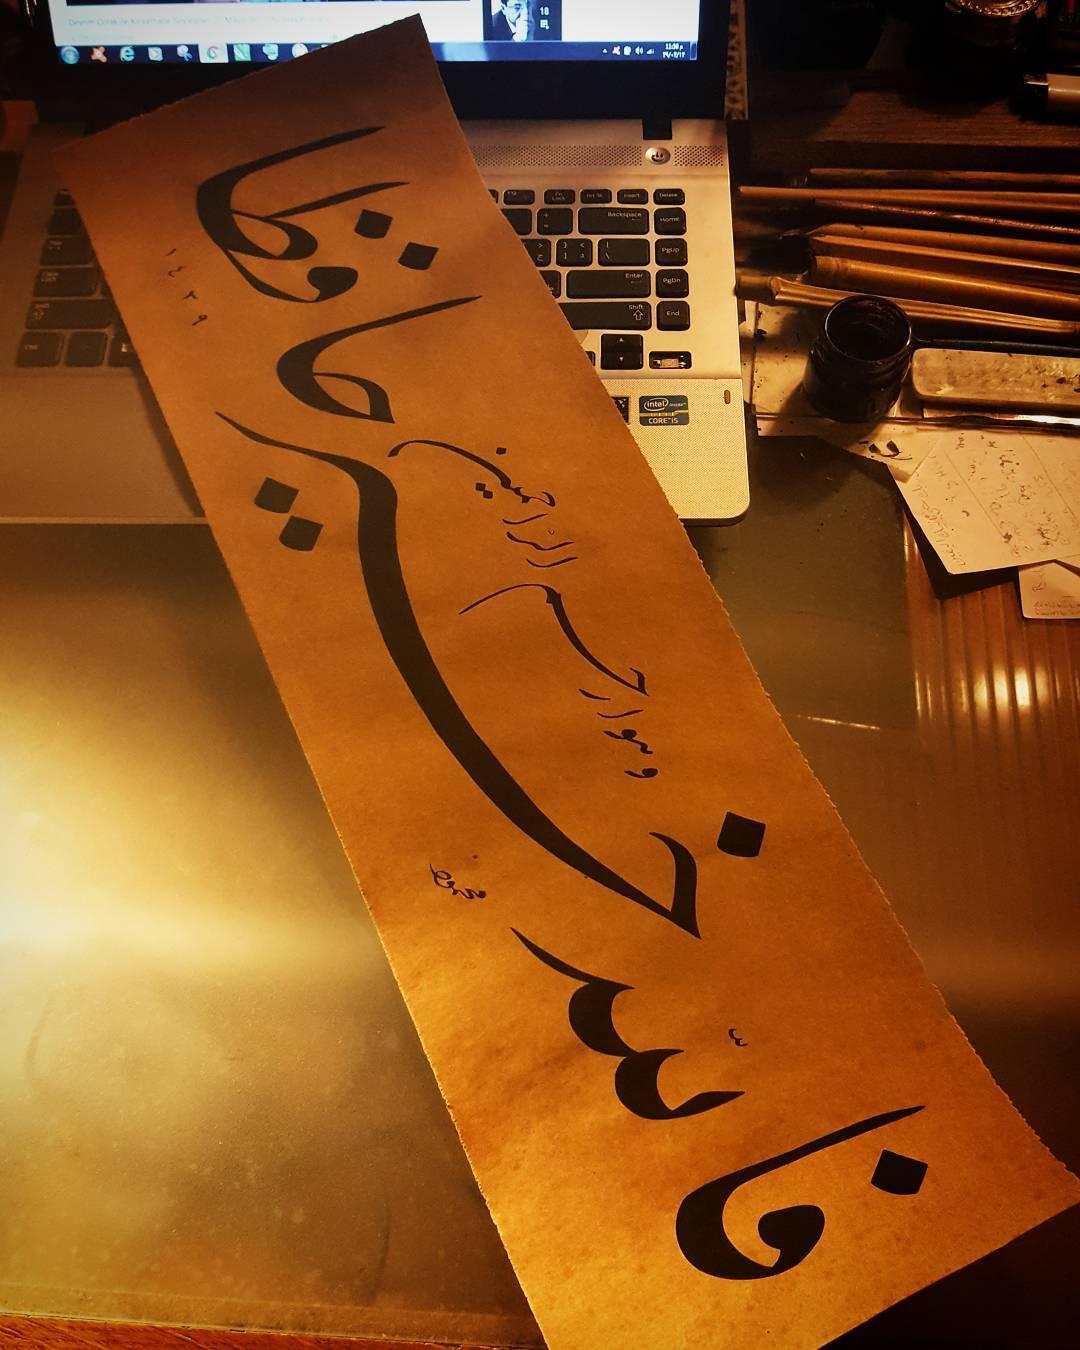 Donwload Photo Allah en iyi koruyandır, O merhametlilerin merhametlisidir. Yusuf Suresi 64. Aye...- Hattat Mahmud 1